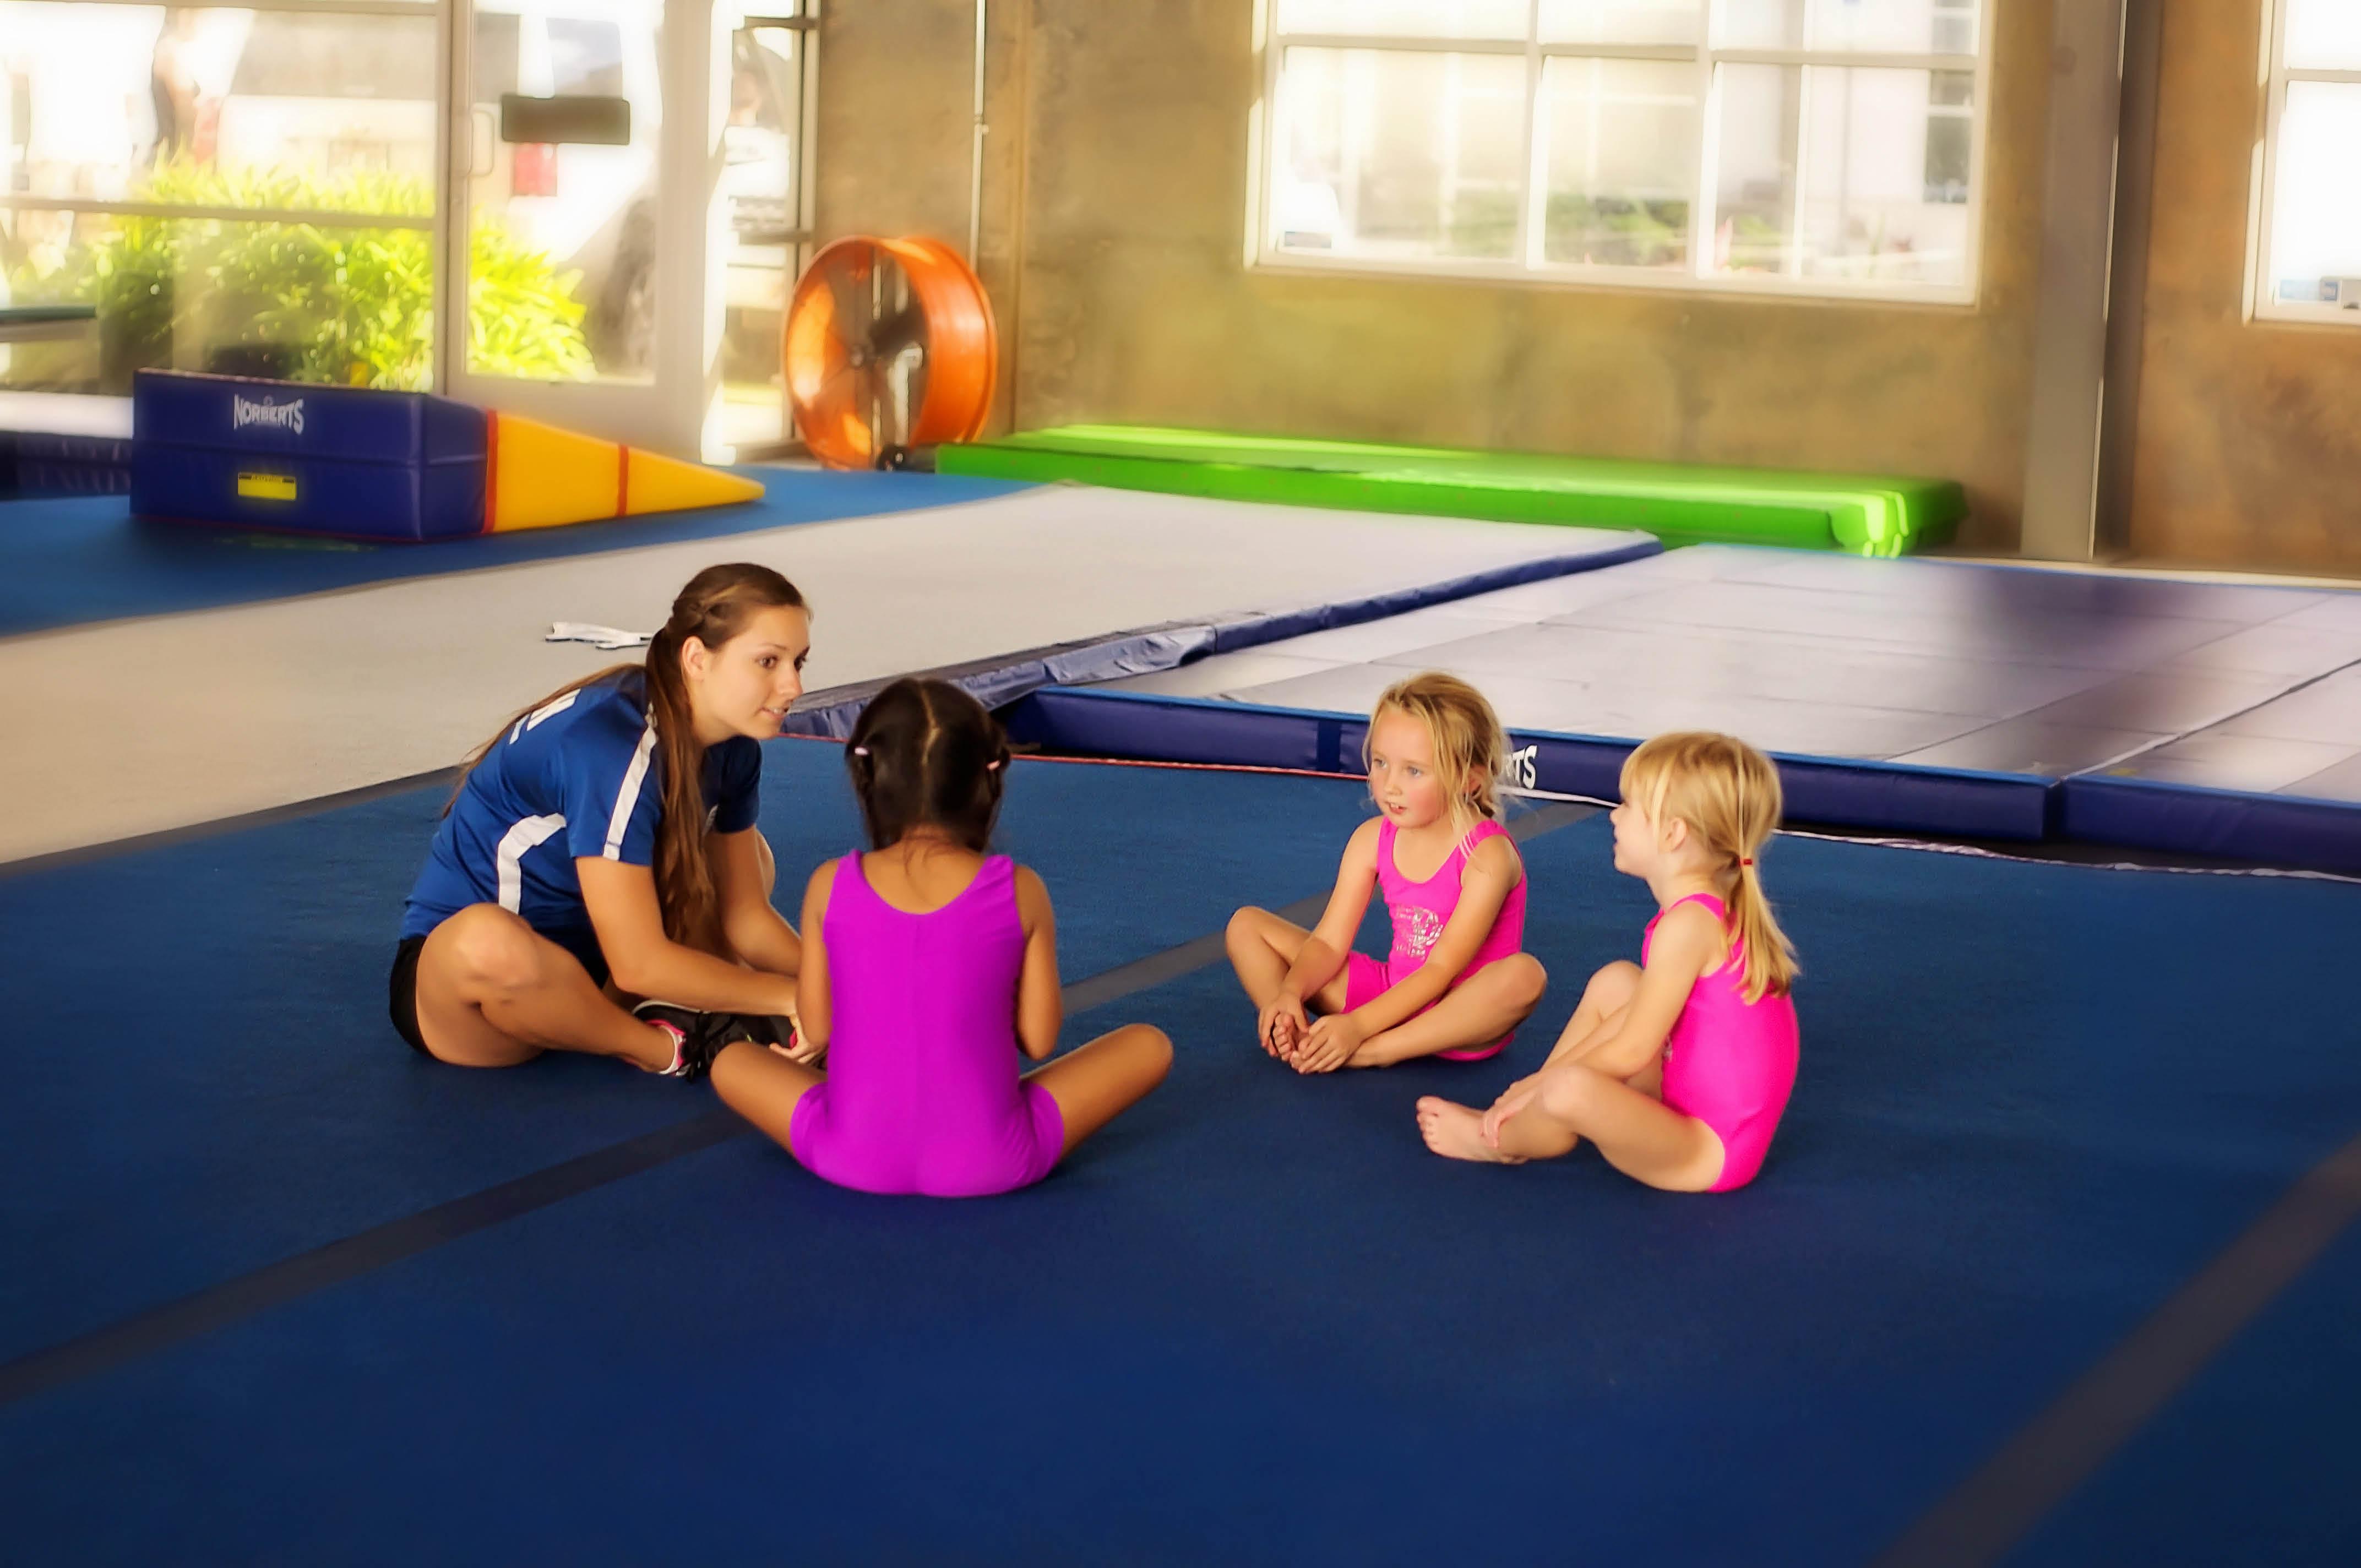 Gymnastics and martial arts classes